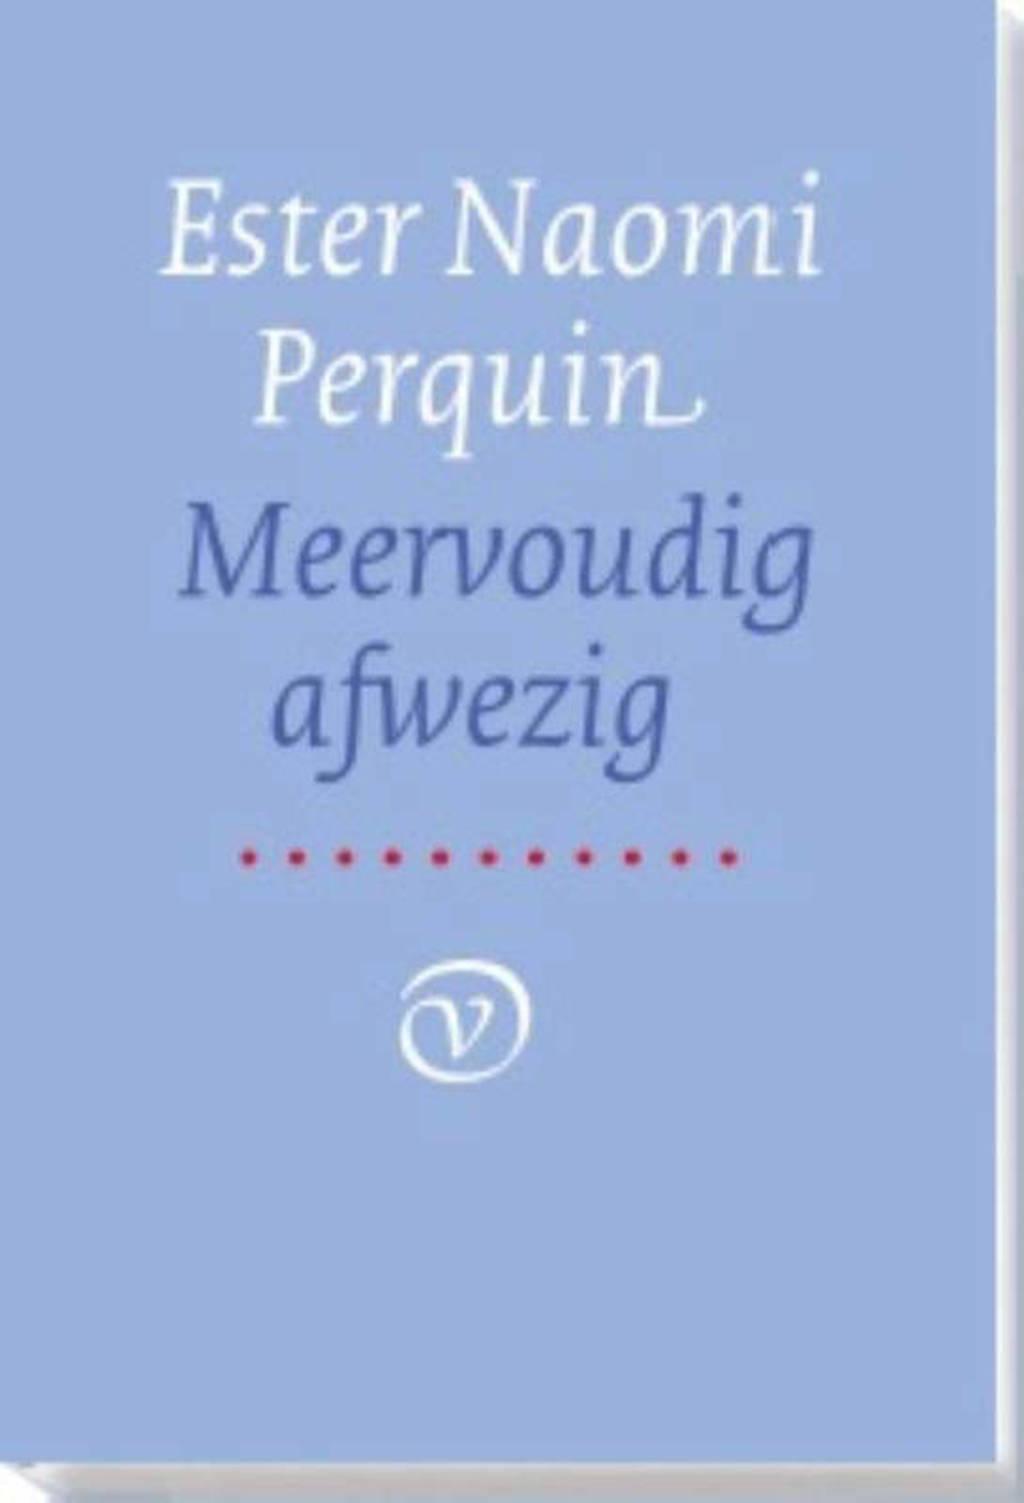 Meervoudig afwezig - Ester Naomi Perquin